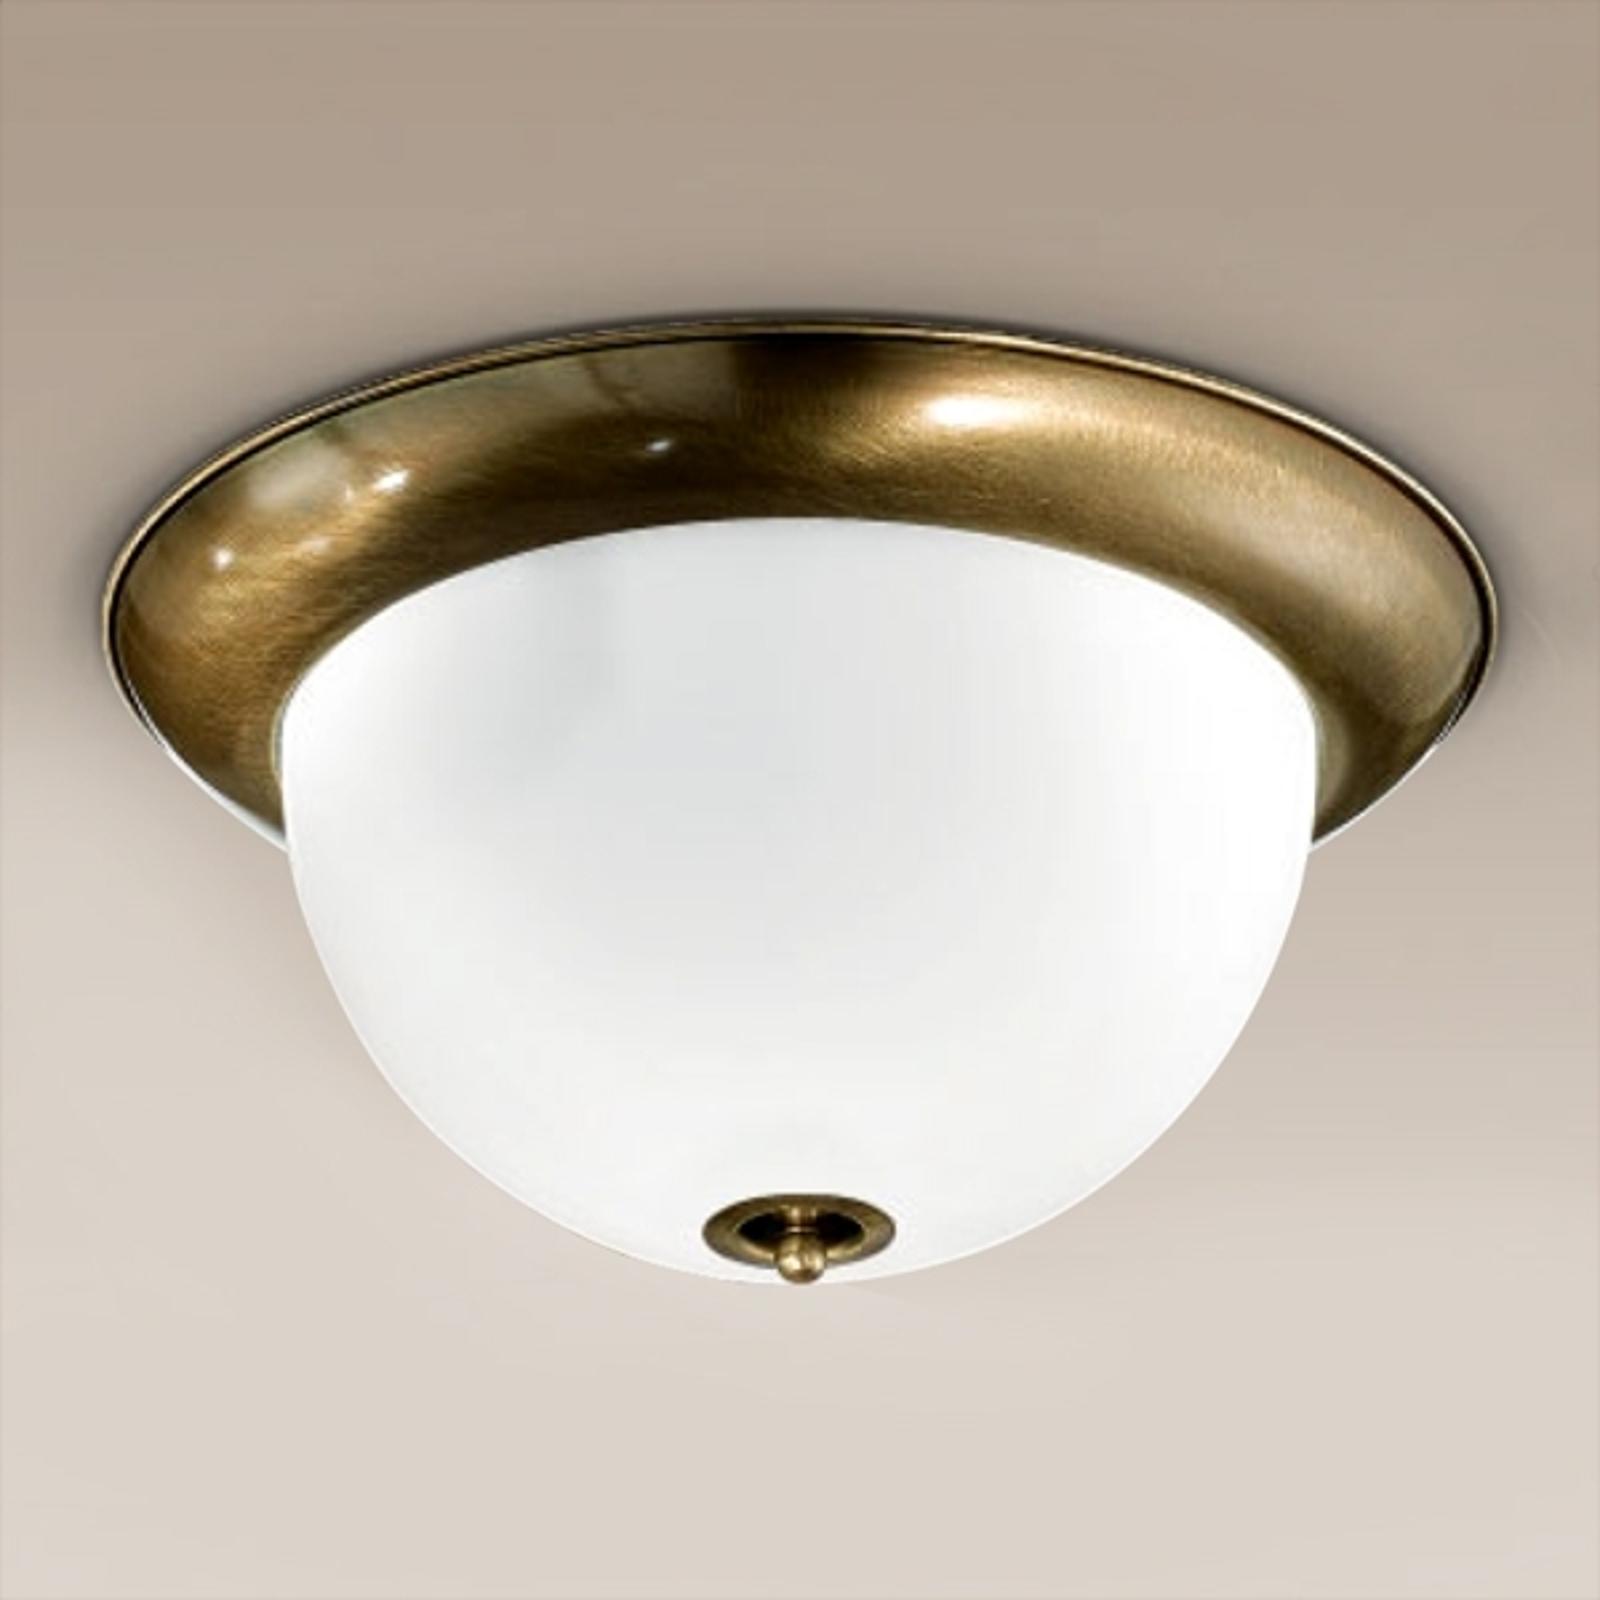 Classic Galleria ceiling light_2008117_1